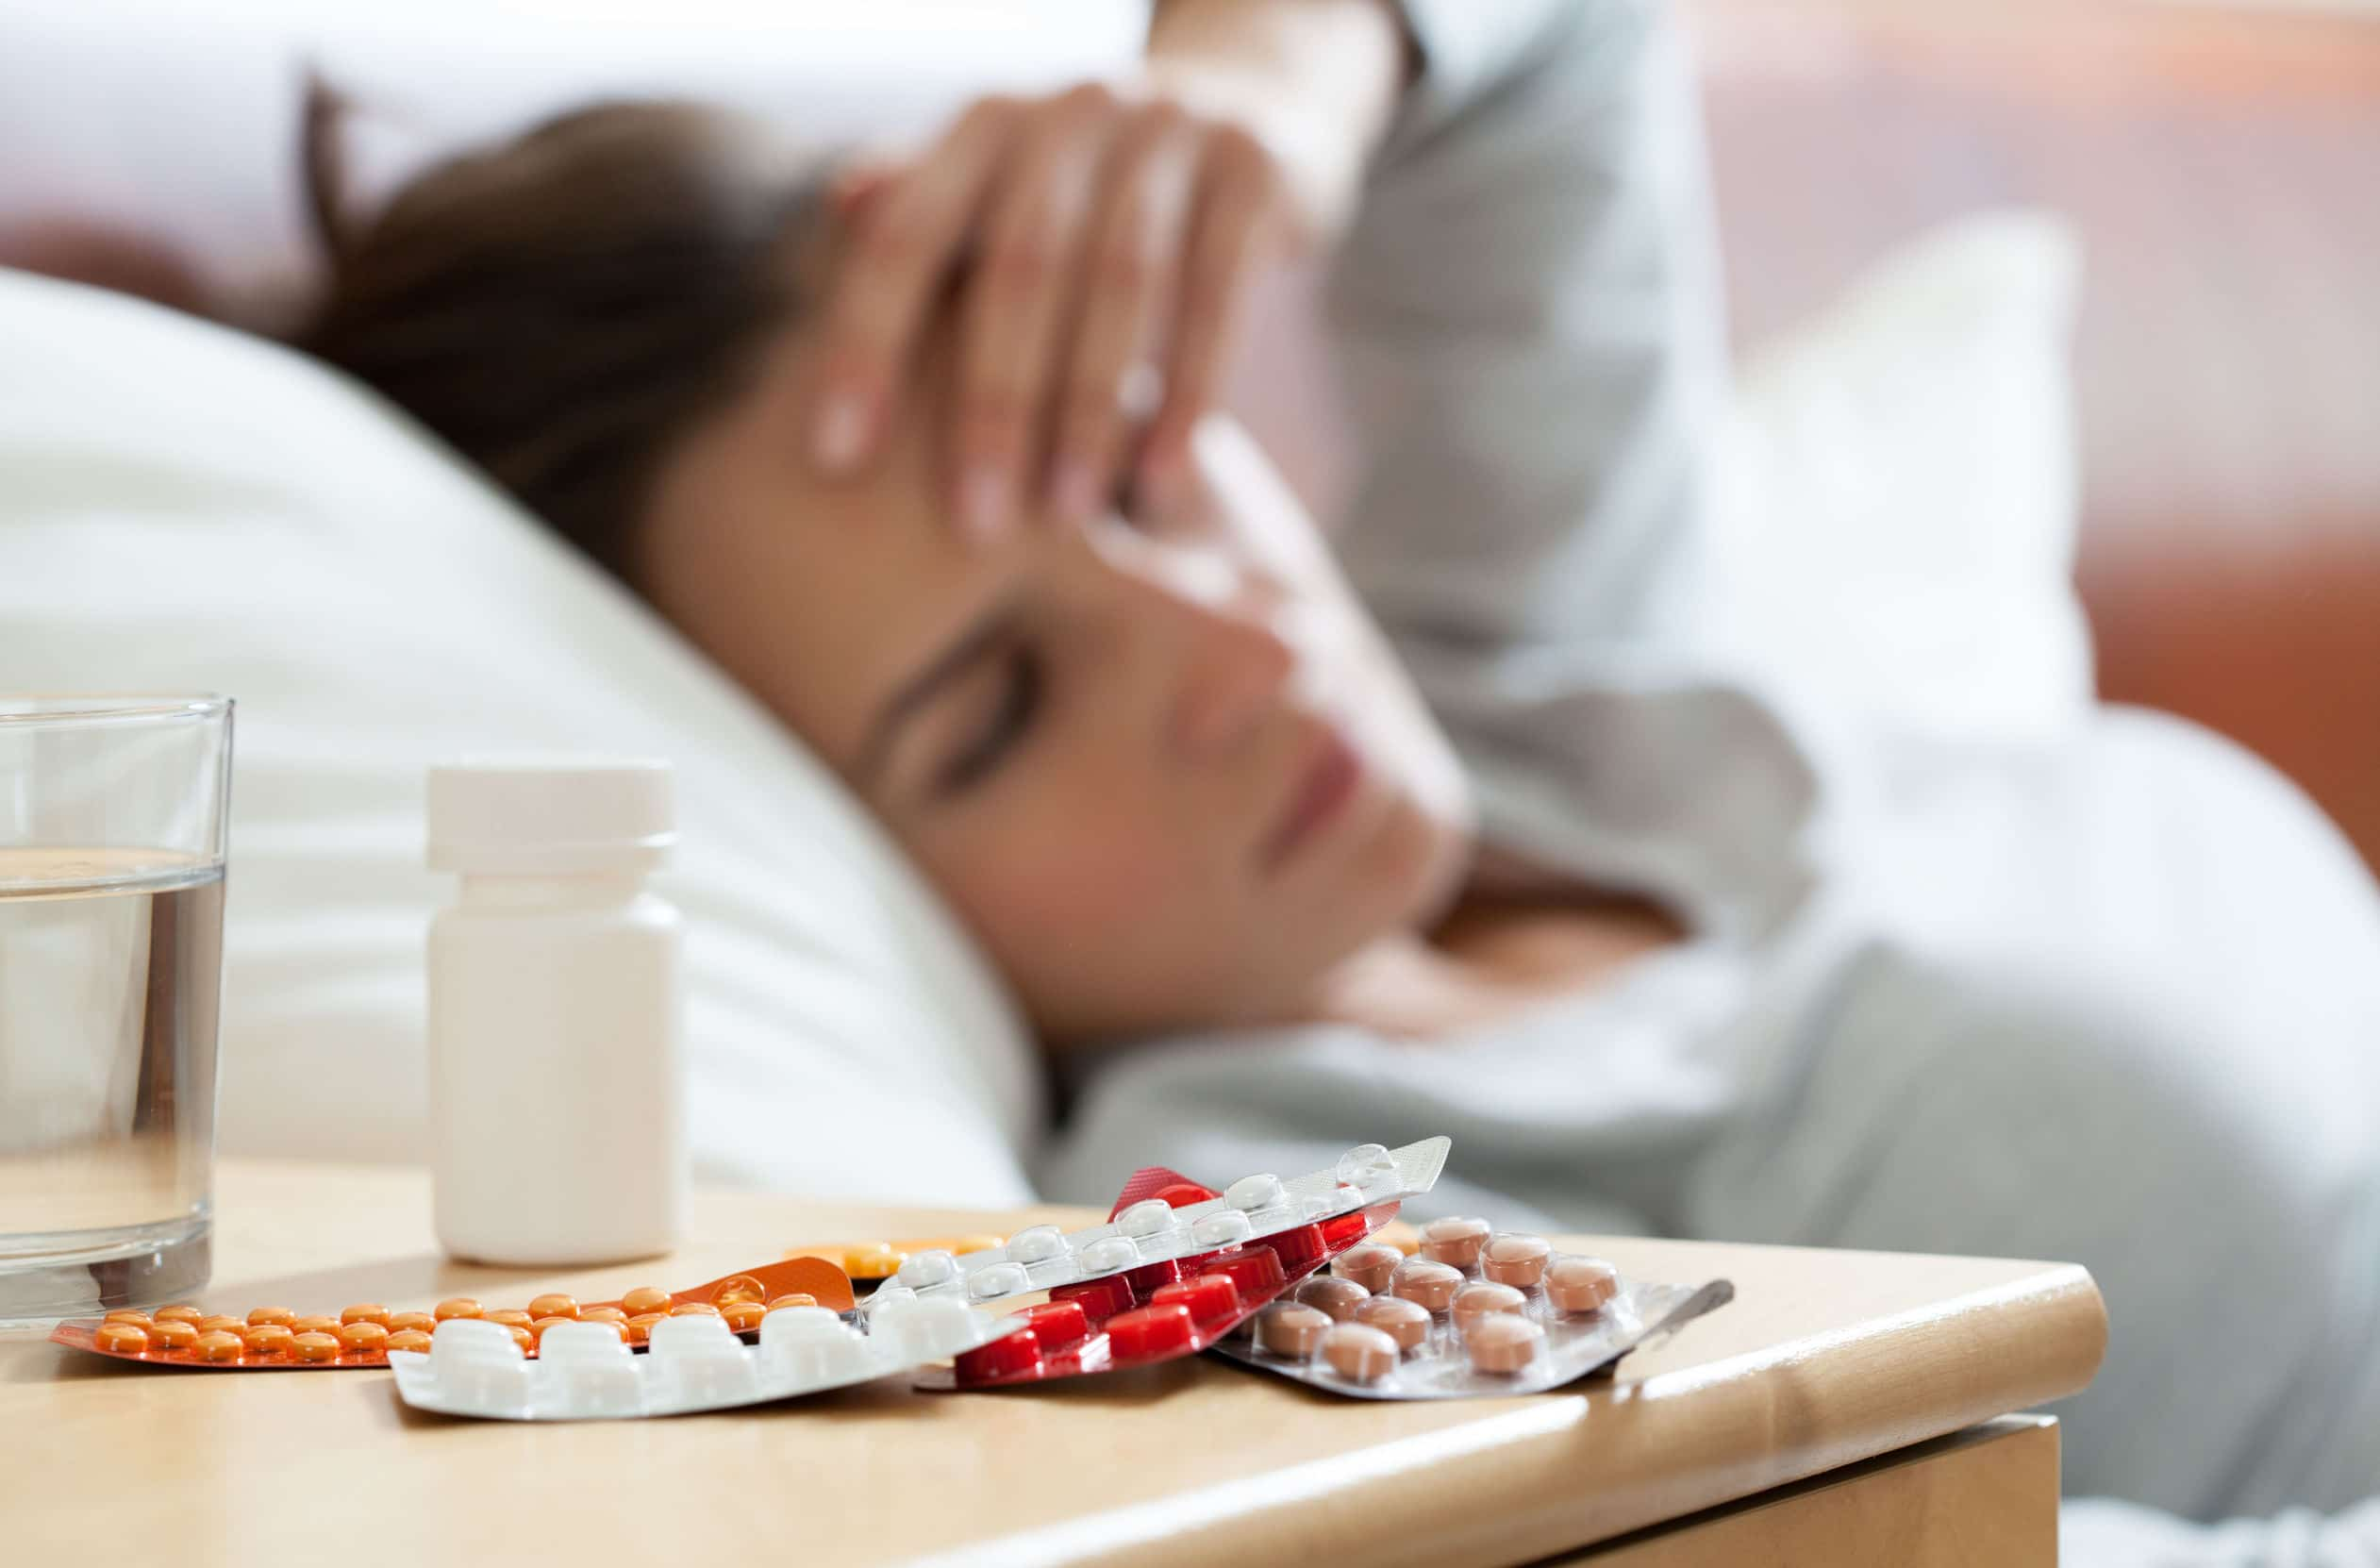 Muitos medicamentos na mesa de cabeceira no quarto com mulher deitada passando mal em cama ao fundo